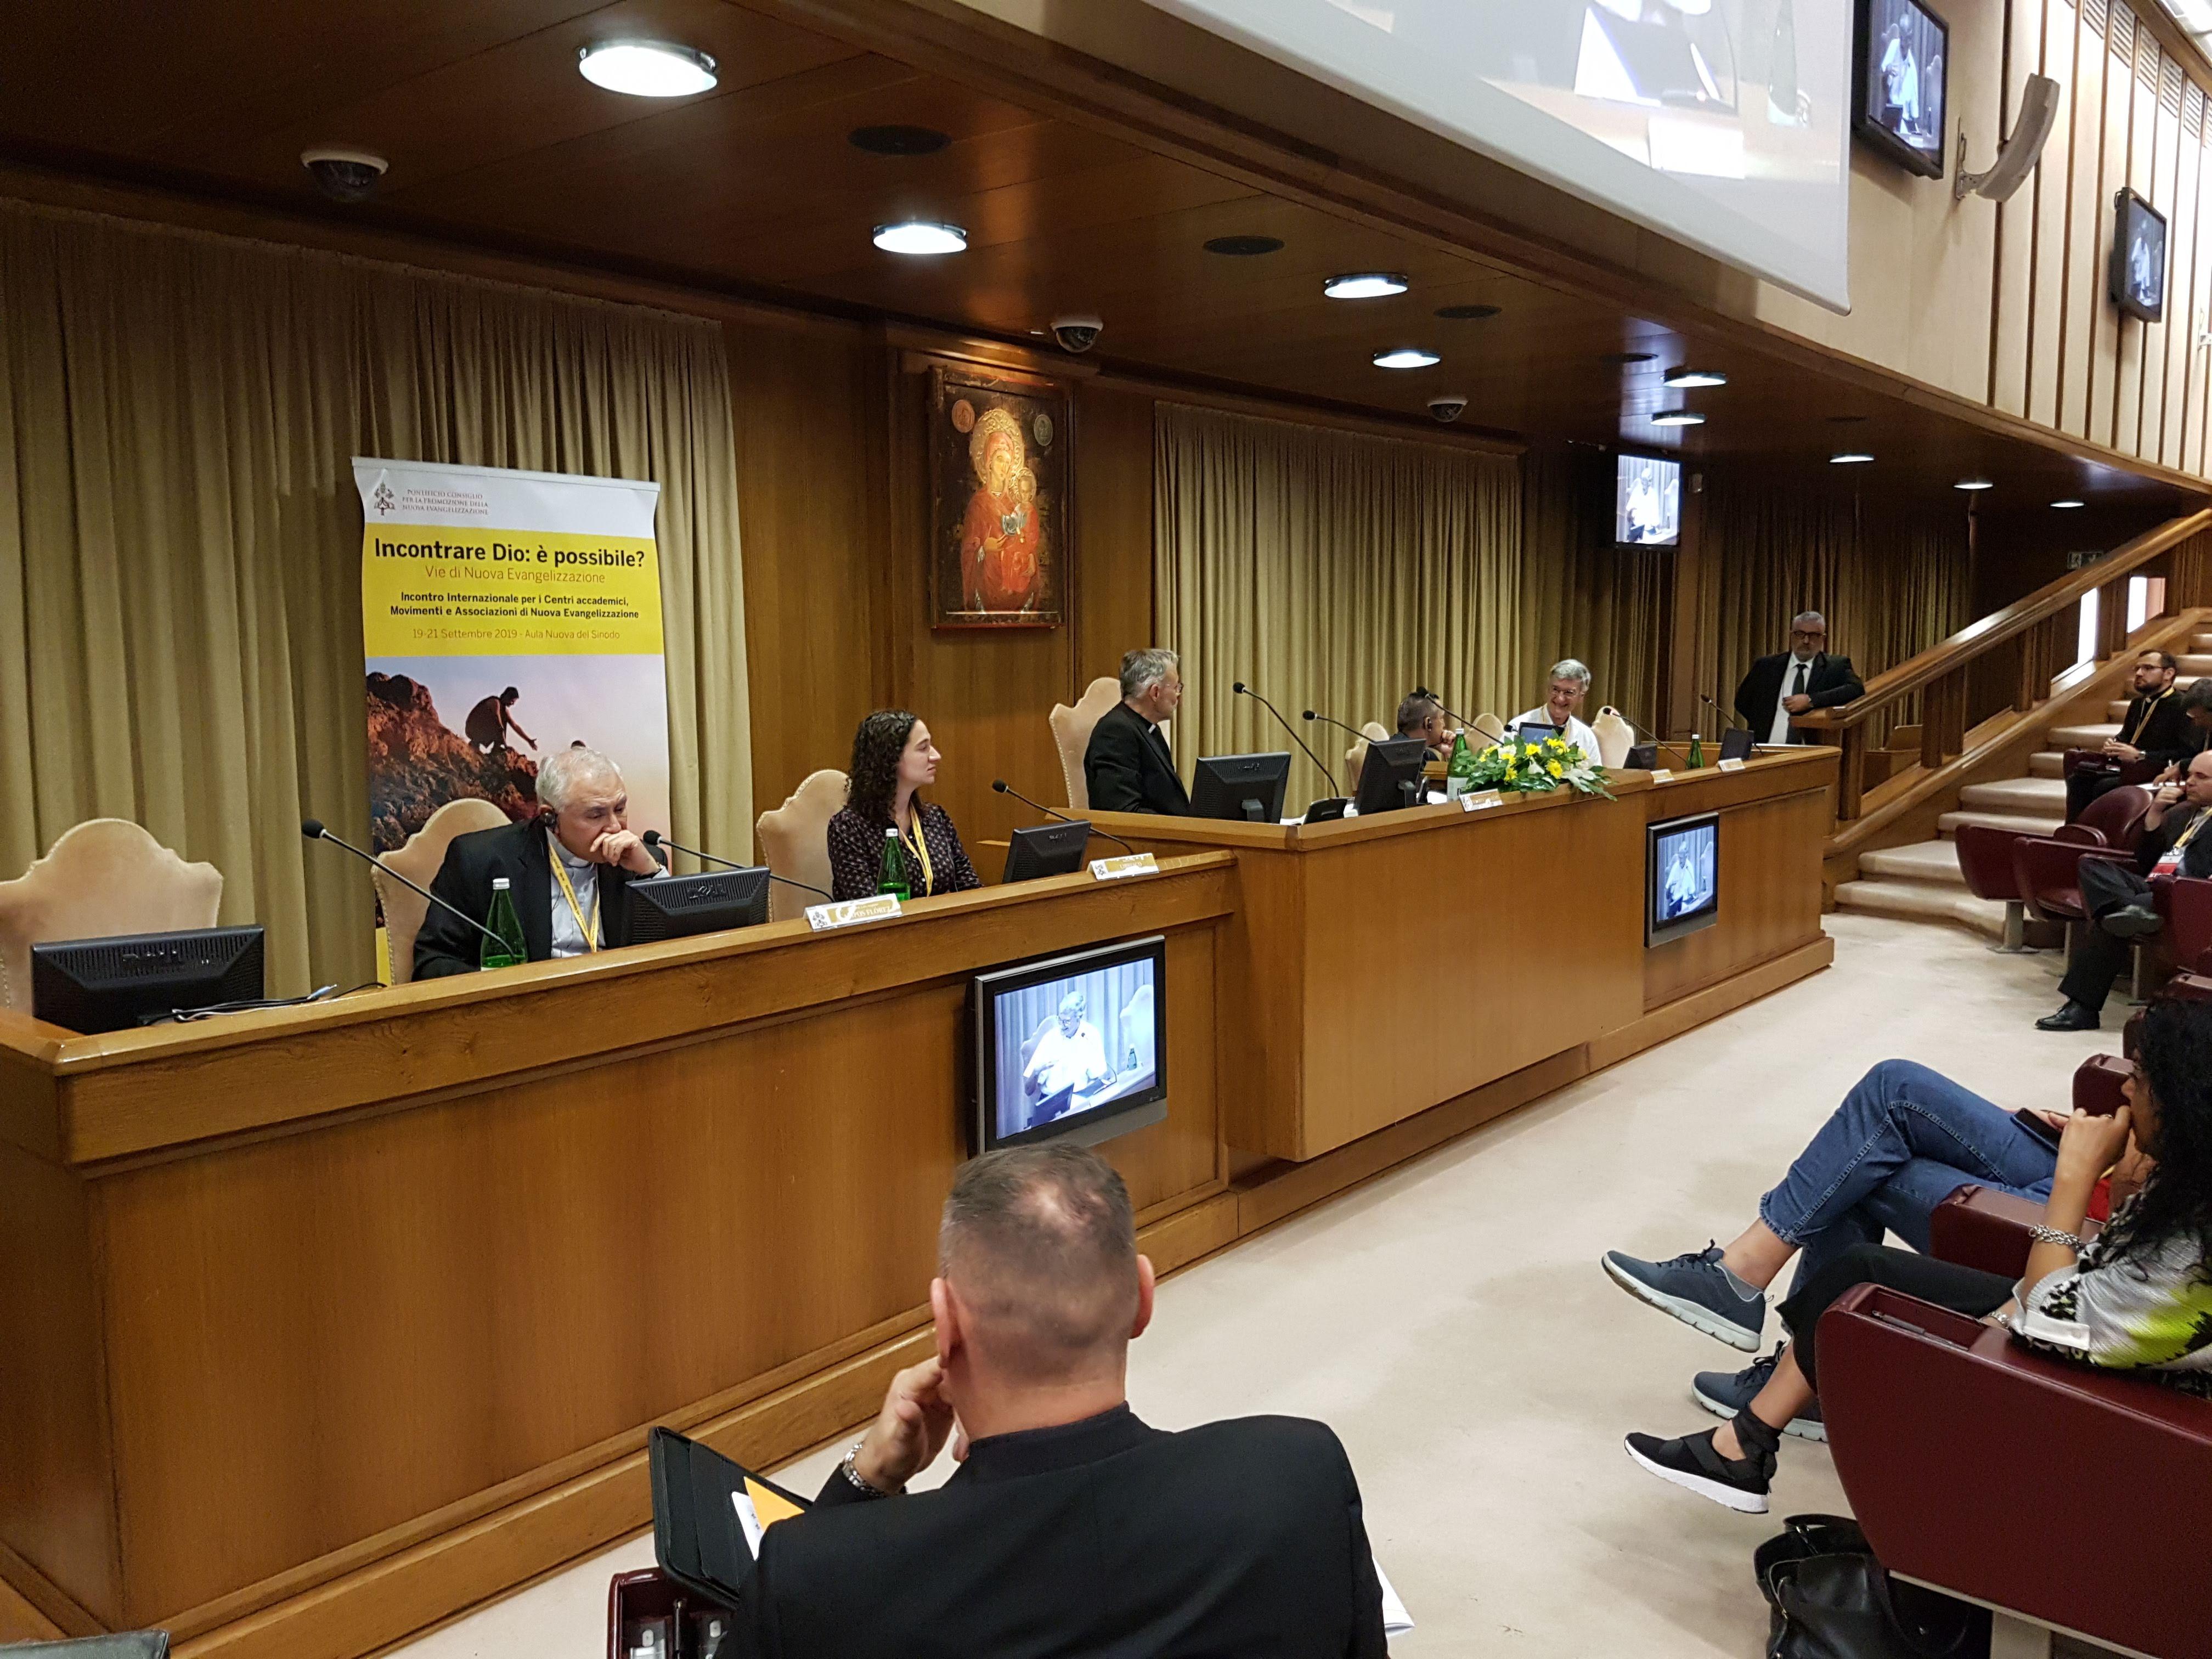 Congres: 'God ontmoeten: is het mogelijk?' Blog uit Rome © Stijn Van den Bossche